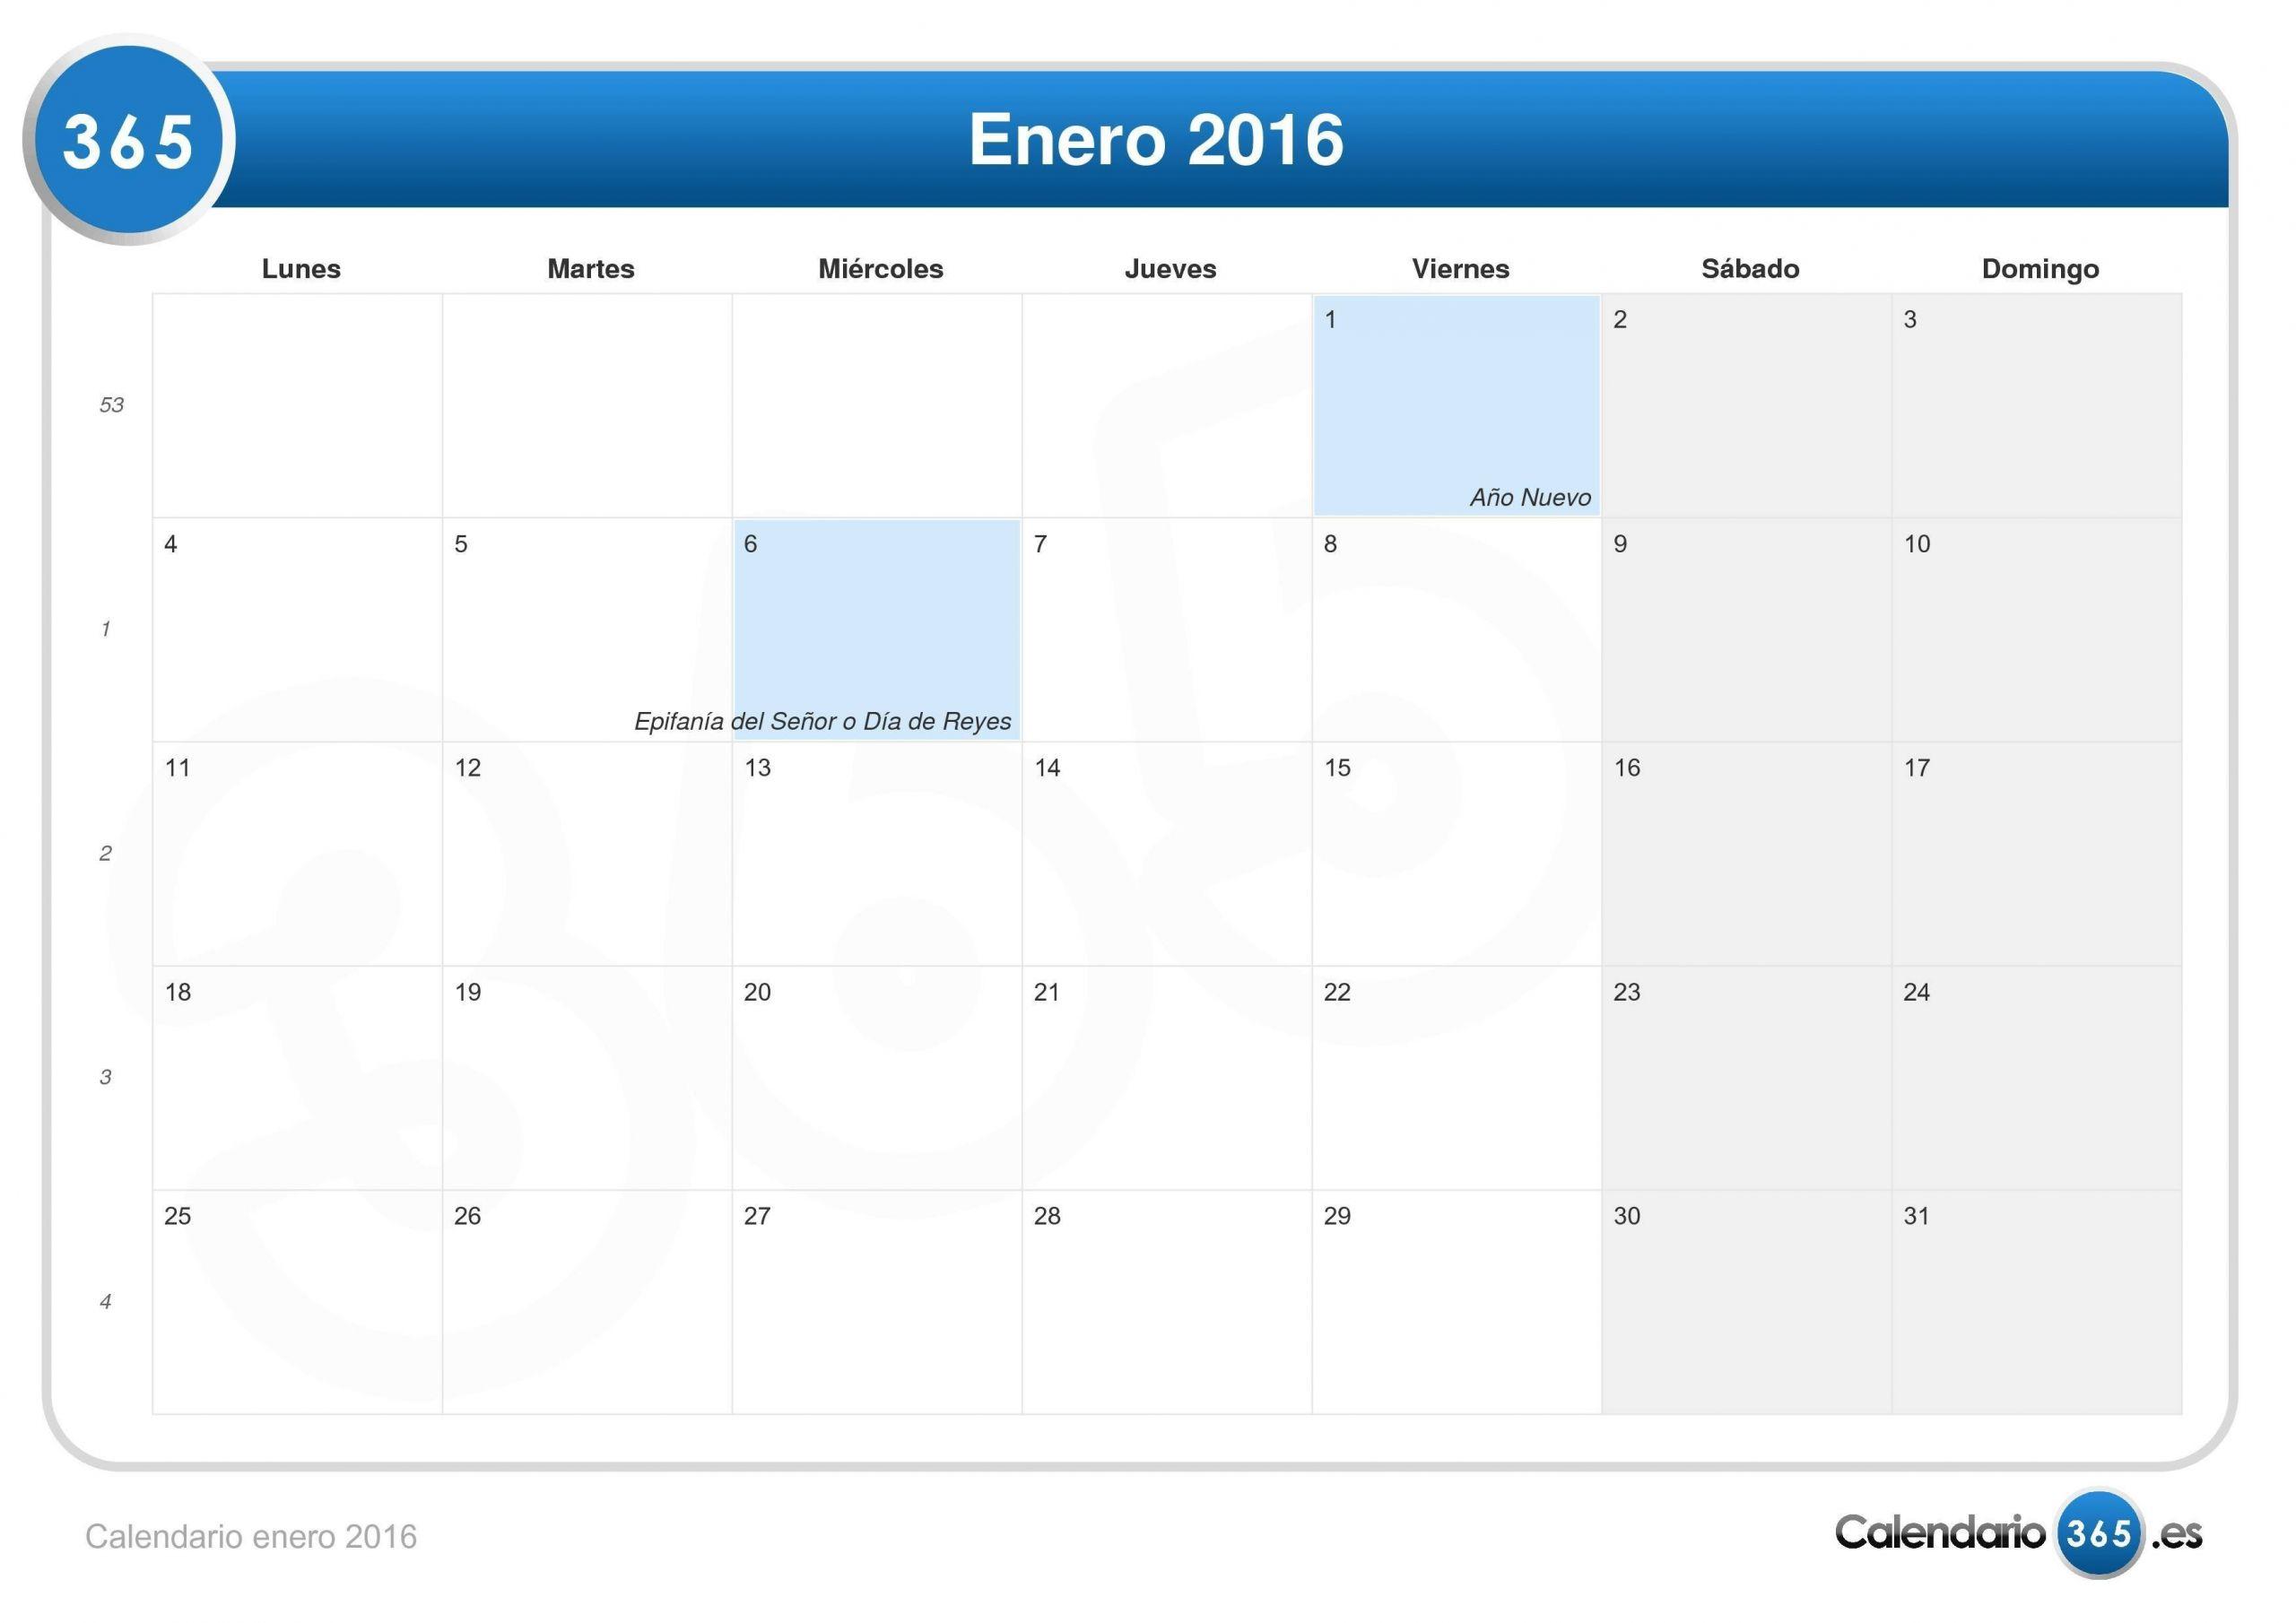 calendario 2020 febrero para imprimir recientes almanaques mes enero 2016 keywords and suggestions of calendario 2020 febrero para imprimir